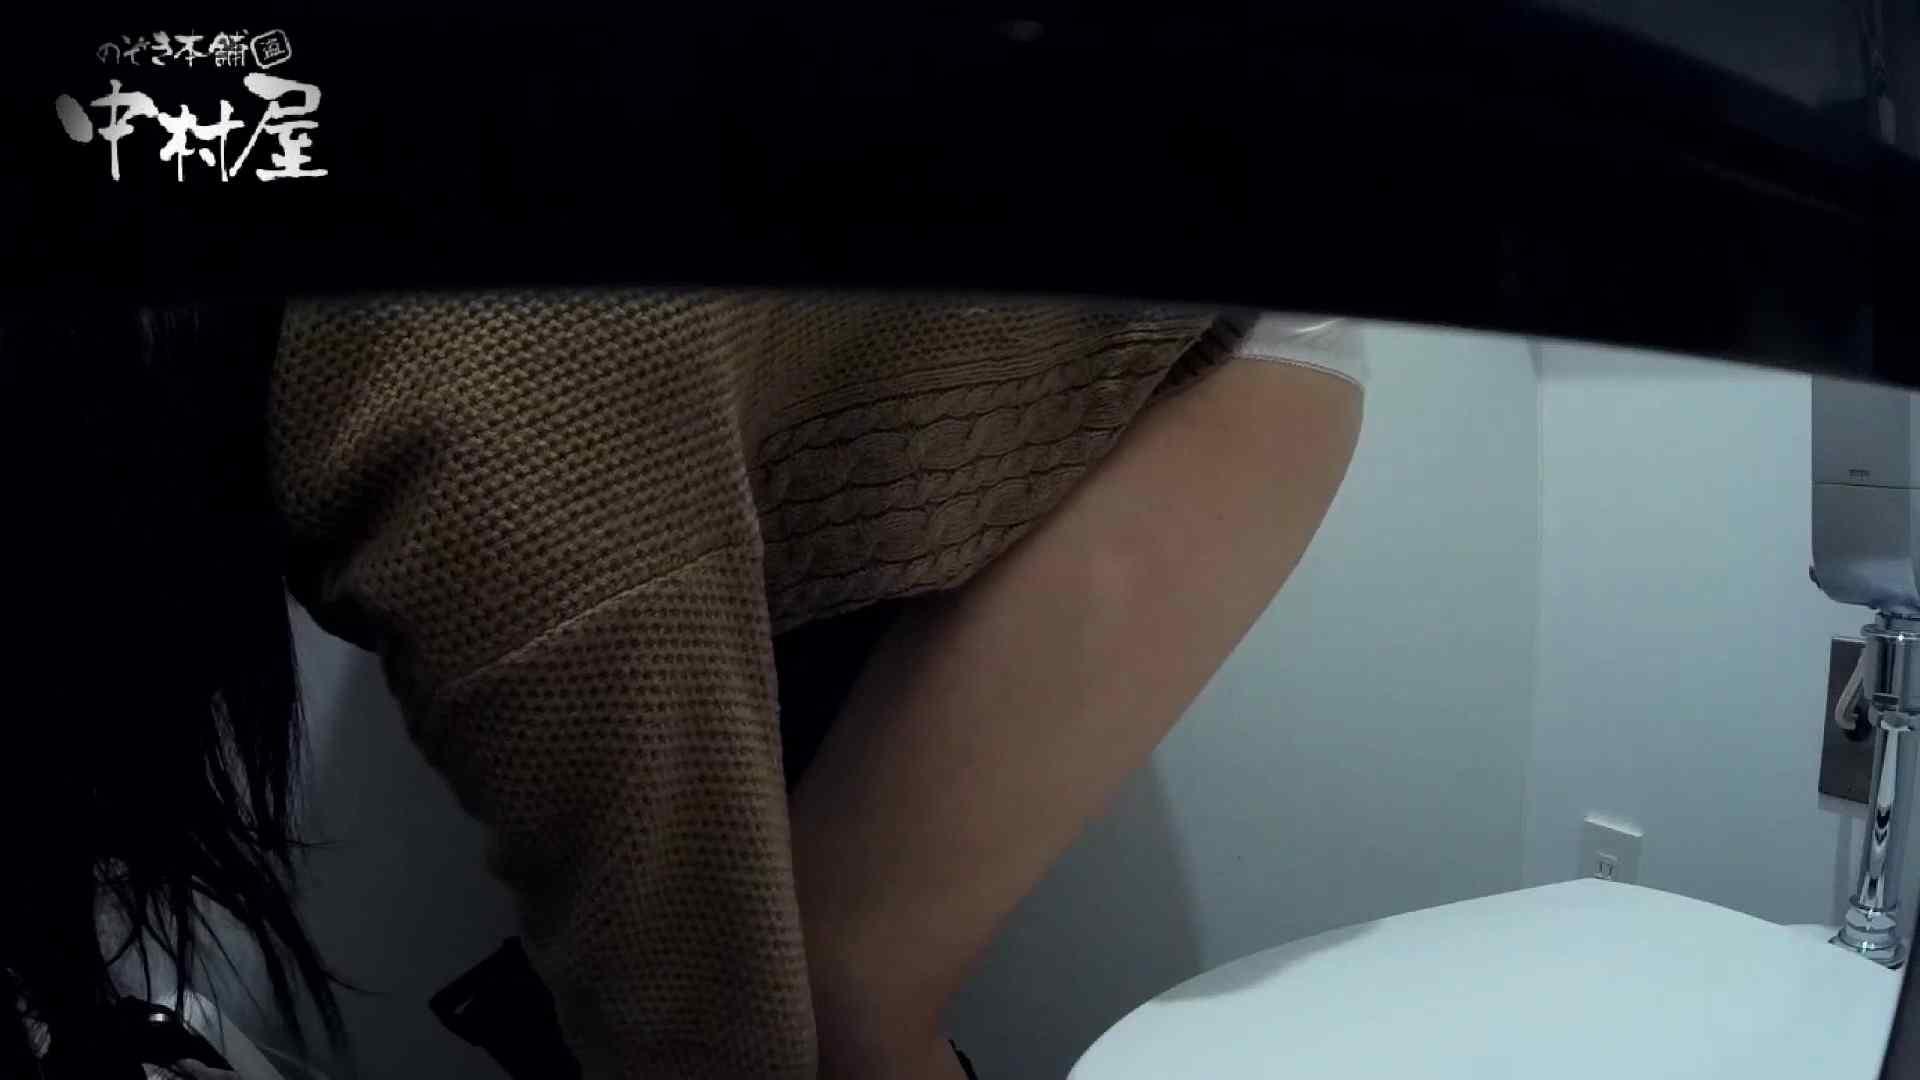 有名大学女性洗面所 vol.54 設置撮影最高峰!! 3視点でじっくり観察 OLのエロ生活 AV無料 99連発 42